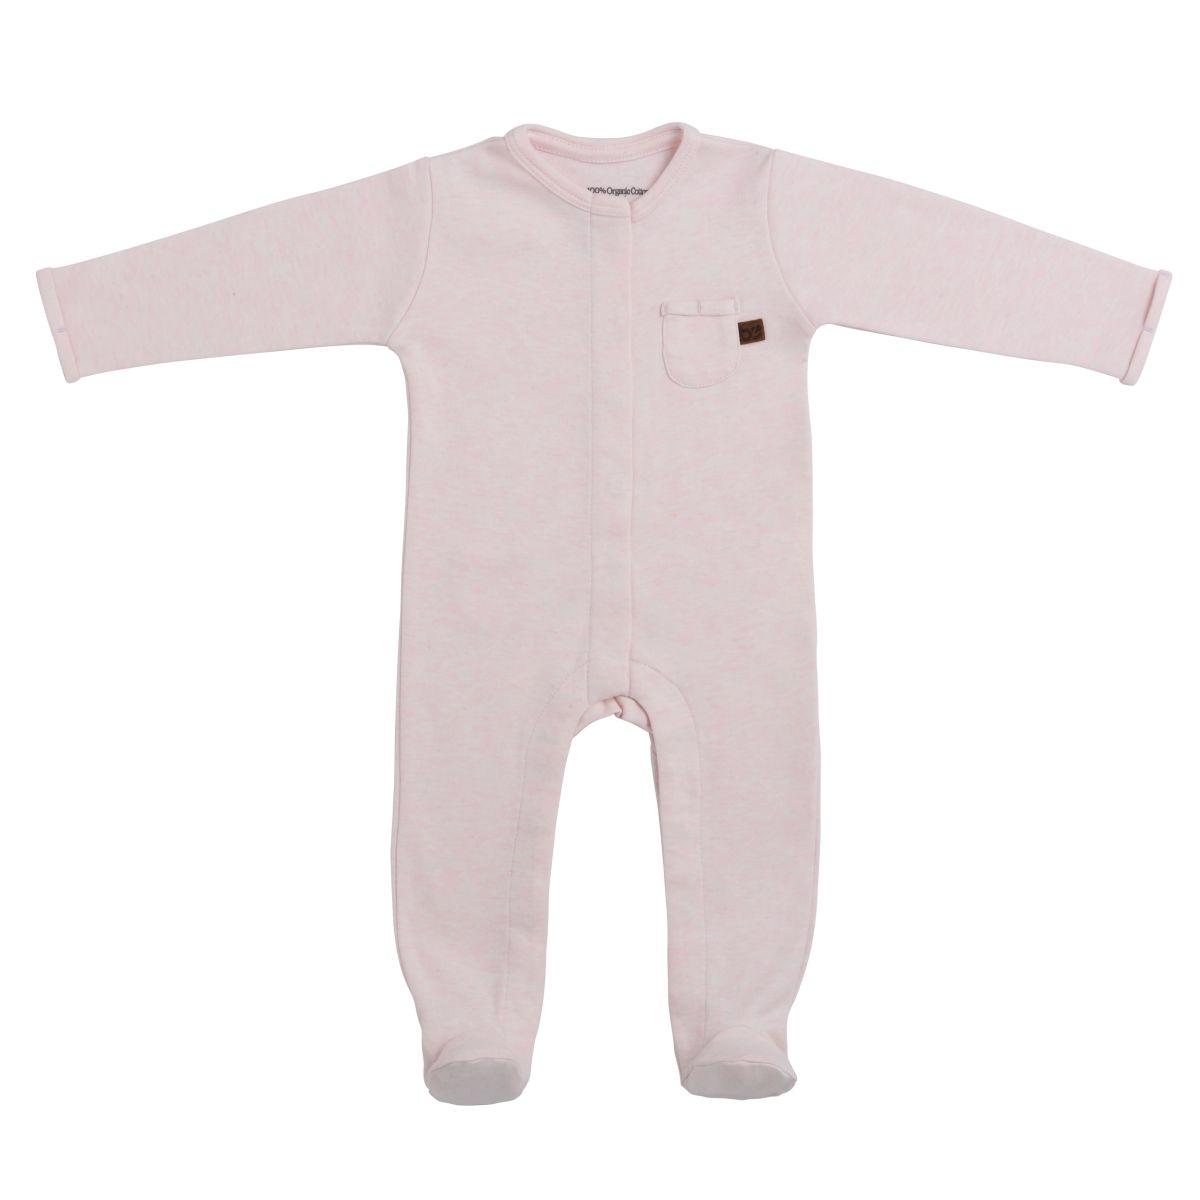 babys only 3546201 boxpakje met voetjes melange 62 classic roze 1